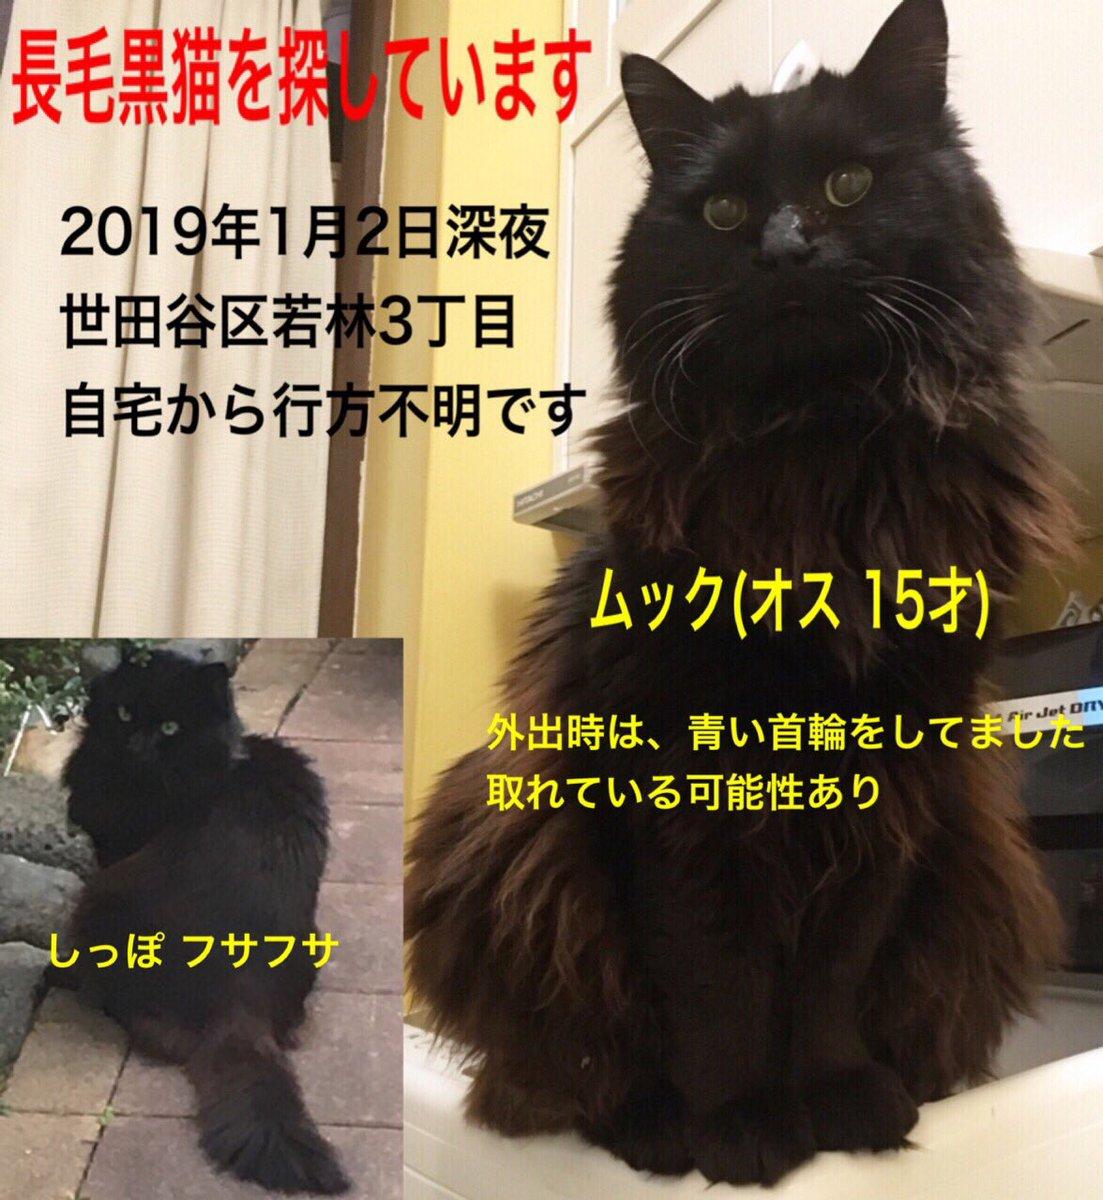 Etiqueta 長毛黒猫 al Twitter